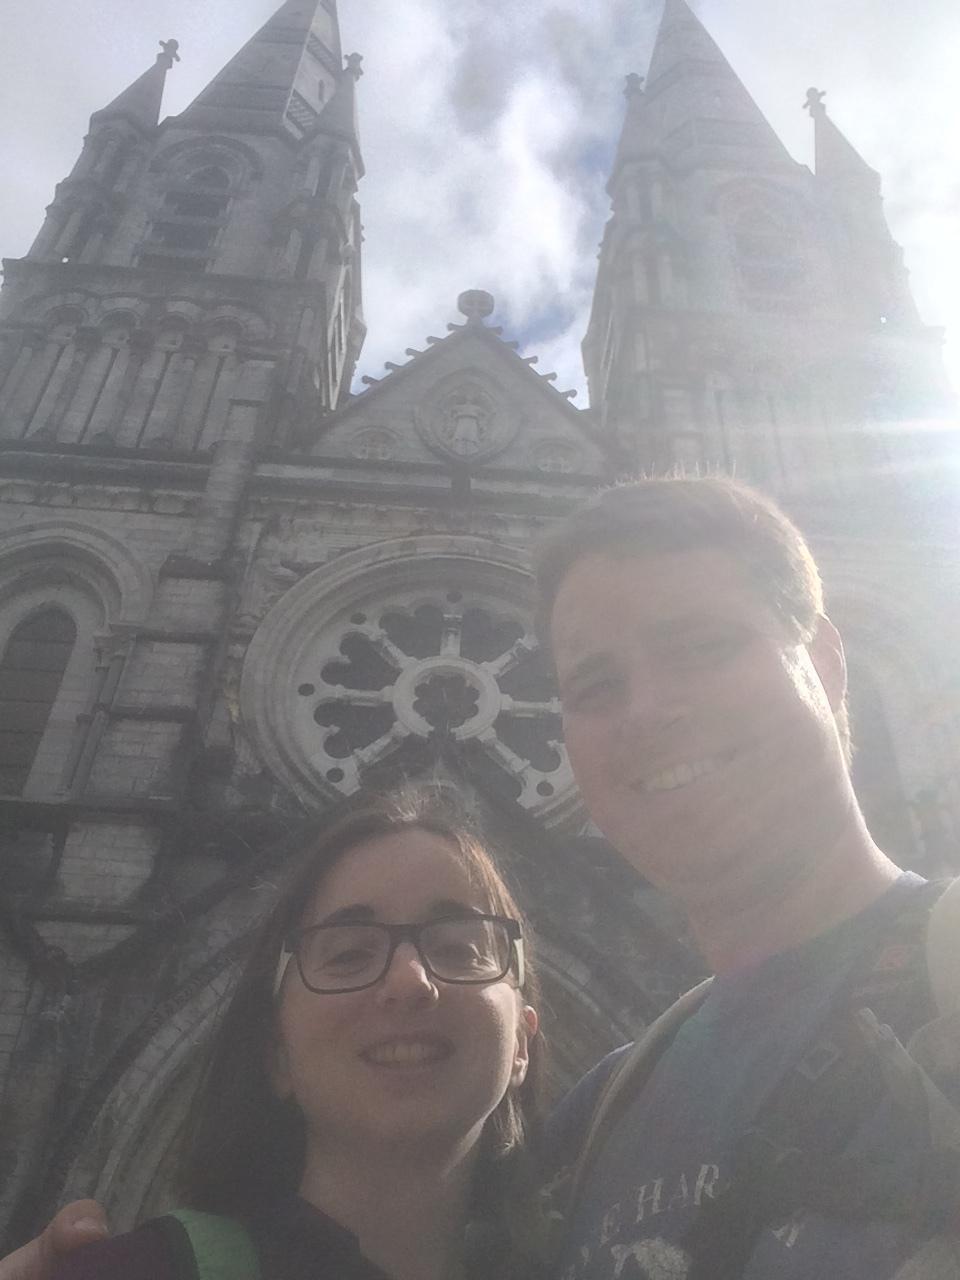 One last Selfie before we go! -